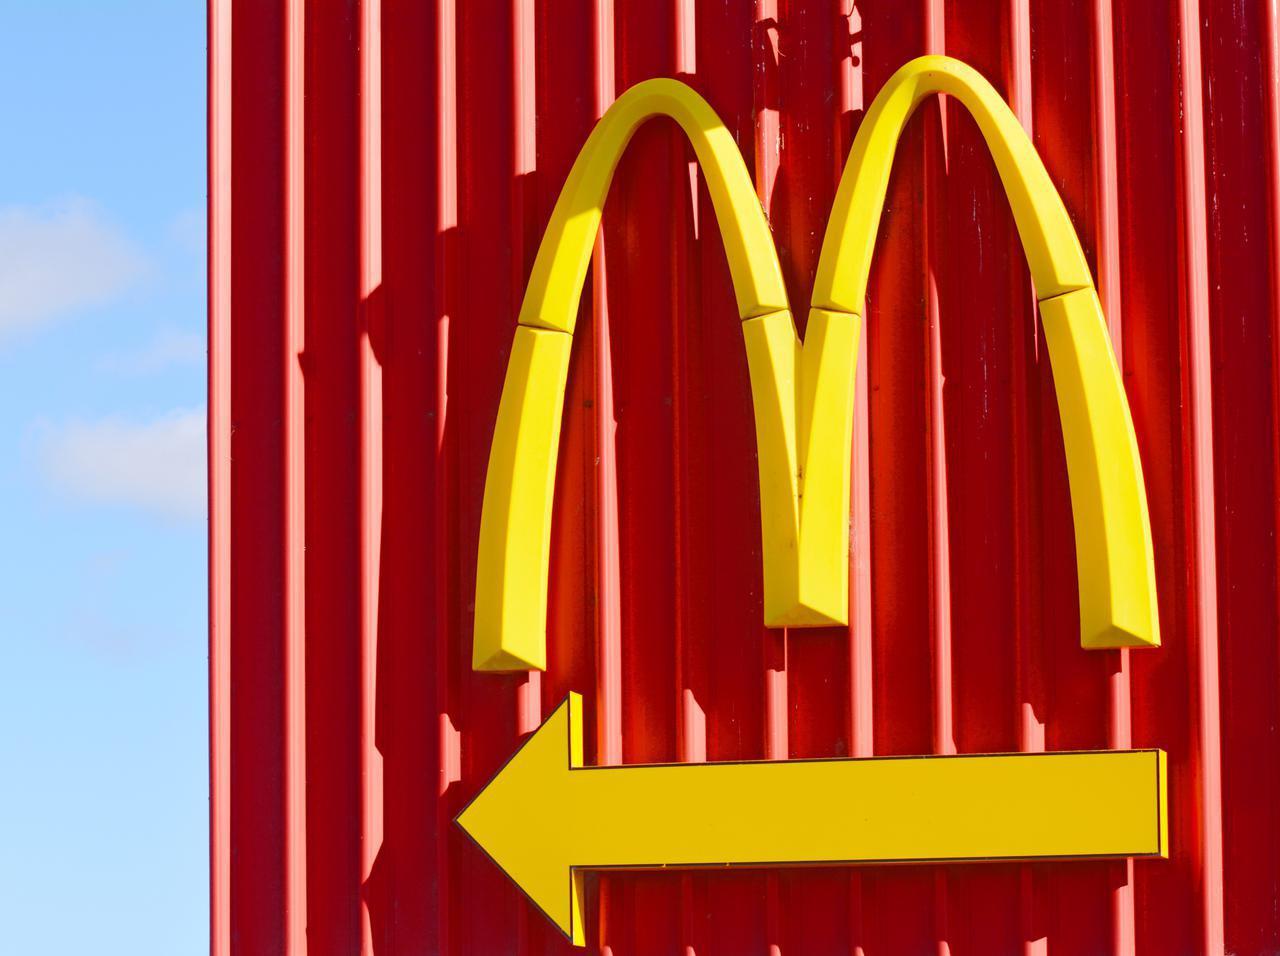 画像: マクドナルドが6日間無料でドリンクを提供した理由